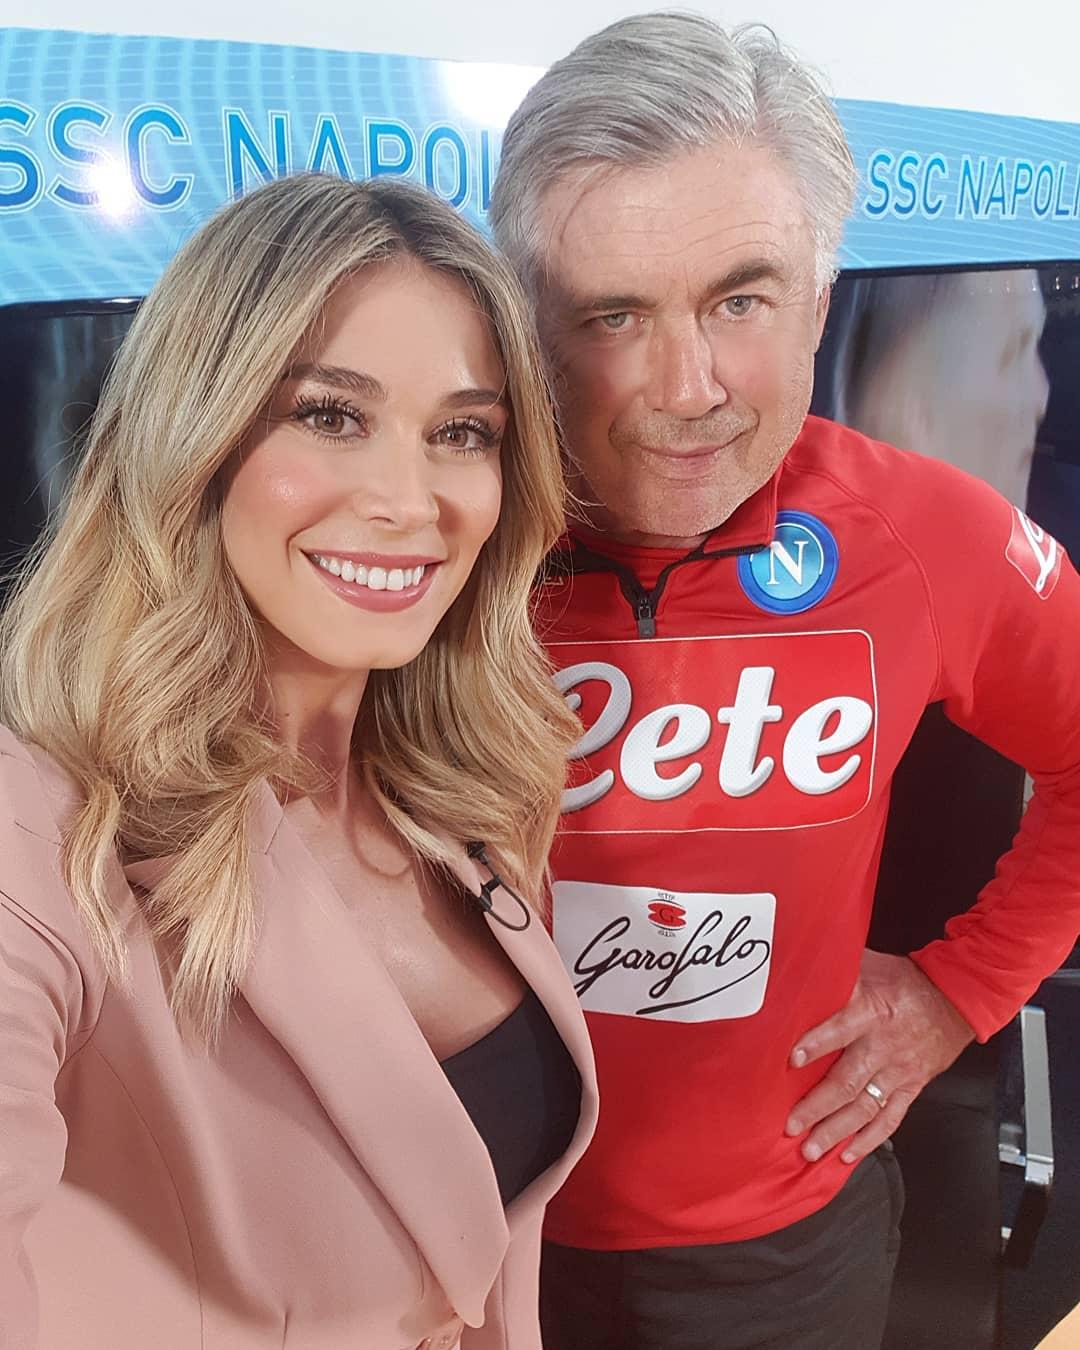 Diletta Leotta, a jornalista italiana que deixa os jogadores de boca aberta